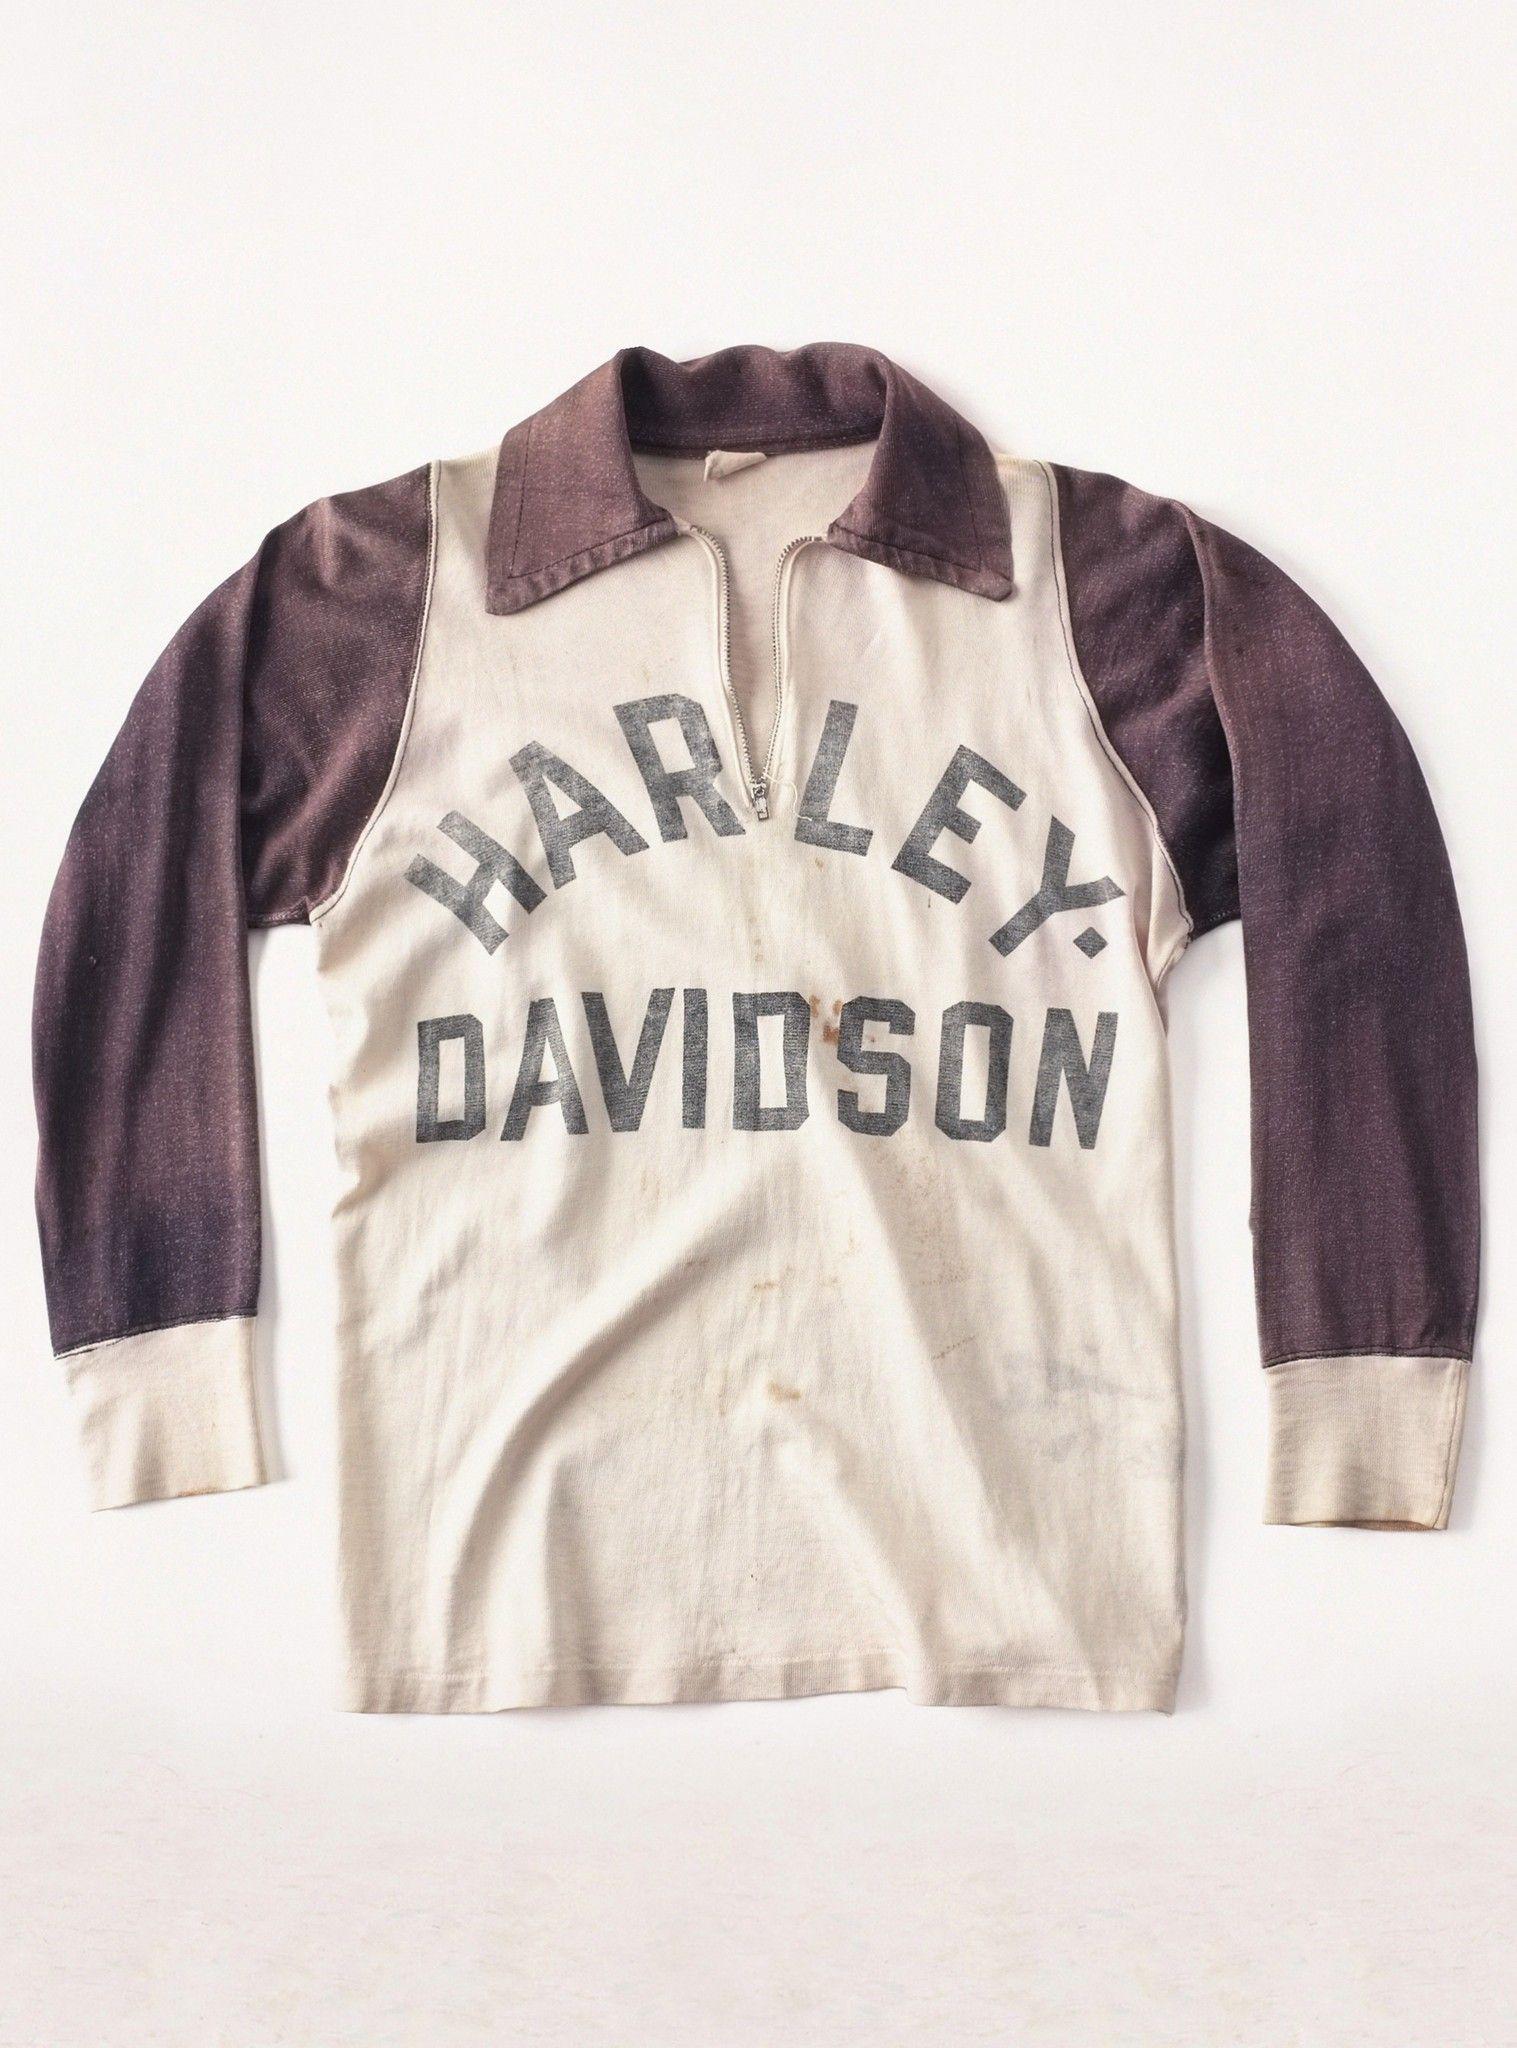 59a9d388d imogene + willie · 1950s harley davidson racing jersey | Vintage T ...